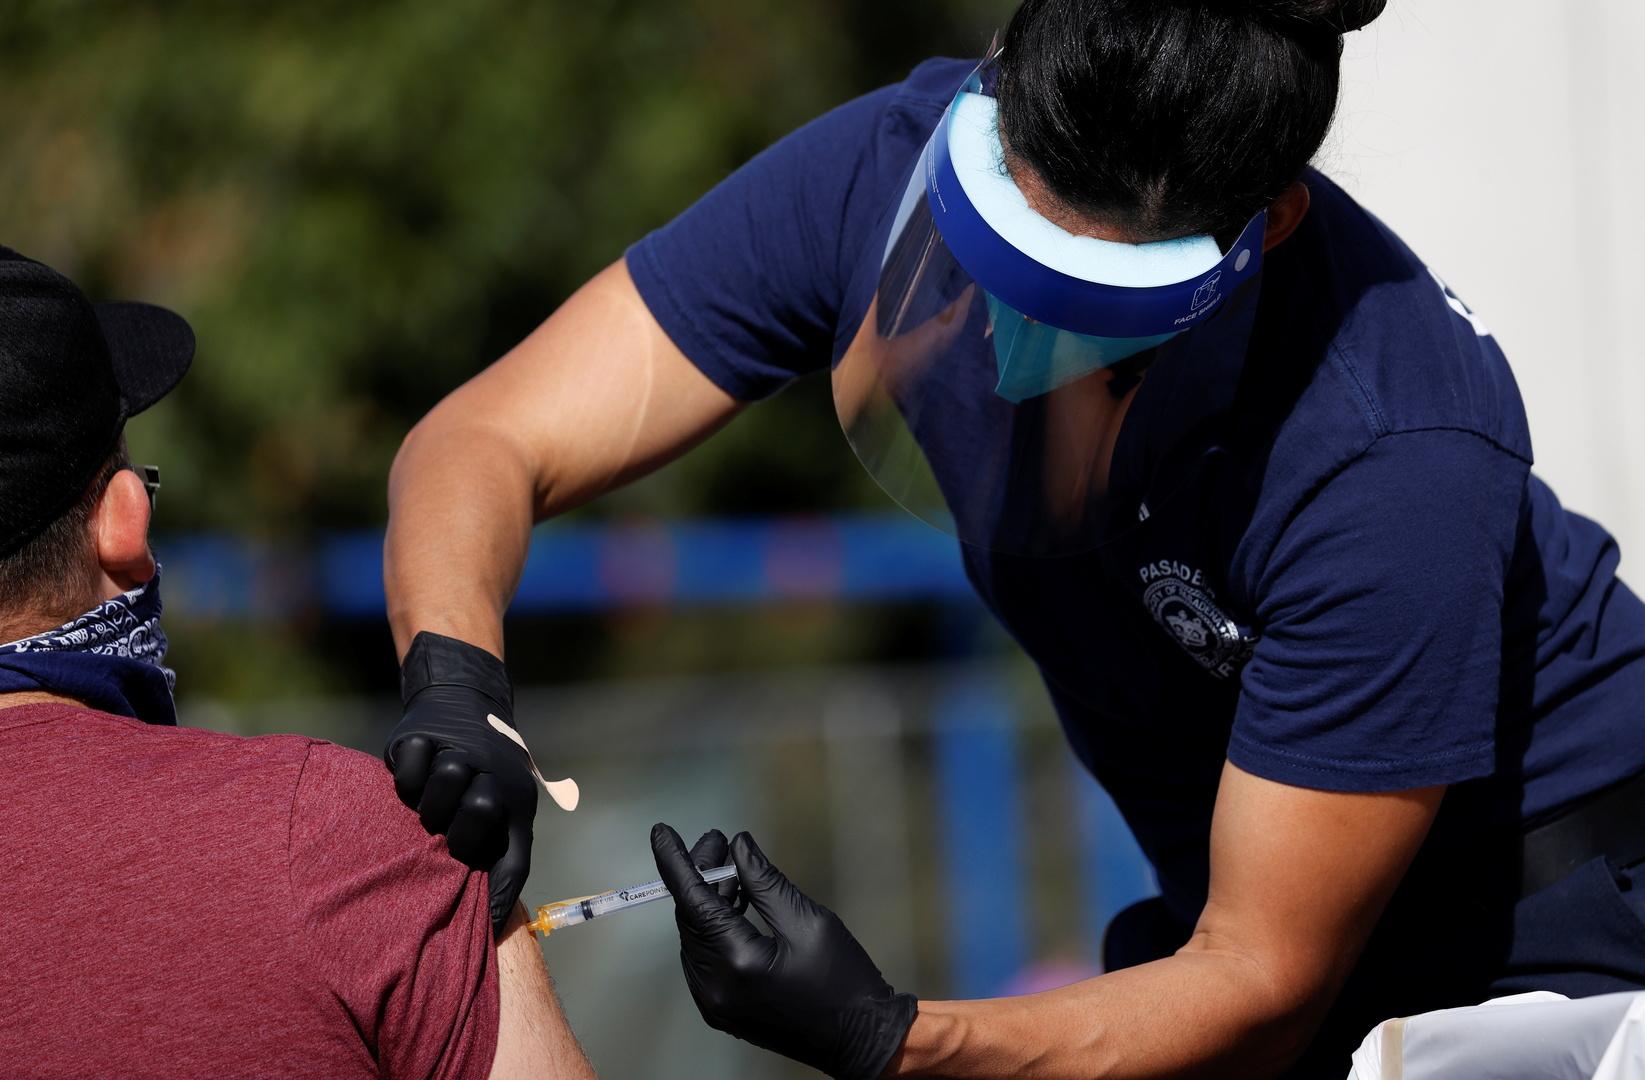 انطلاق حملة تطعيم الجرعة الثانية من لقاح كورونا في قطر